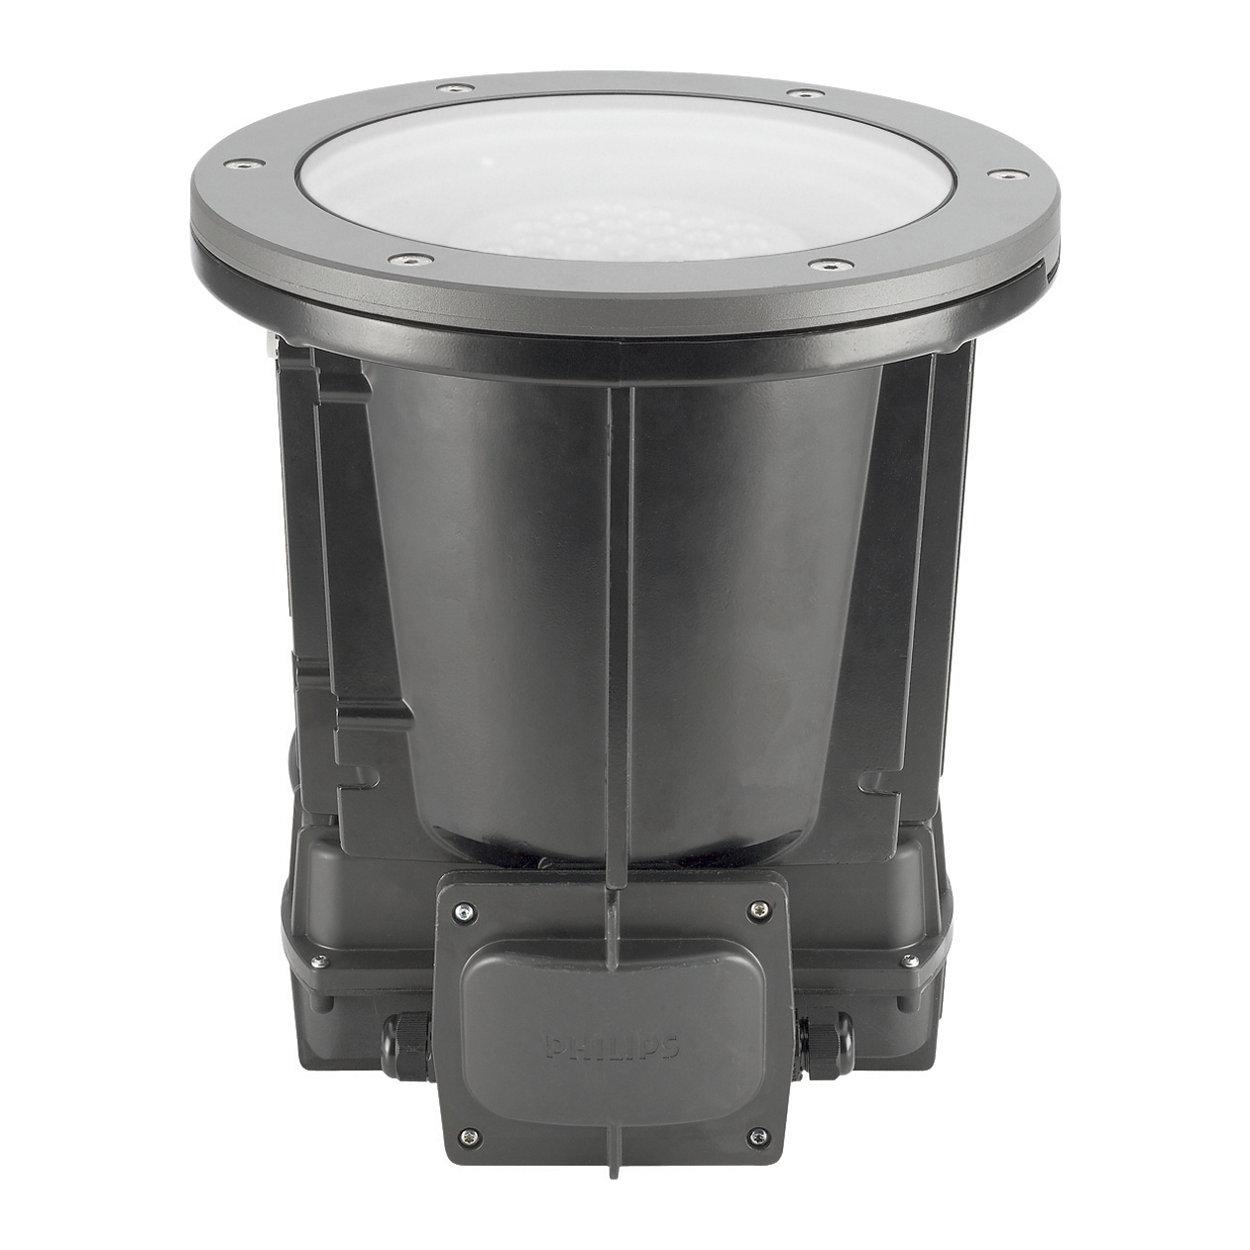 DecoScene LED – Créez vos ambiances grâce à la technologie LED